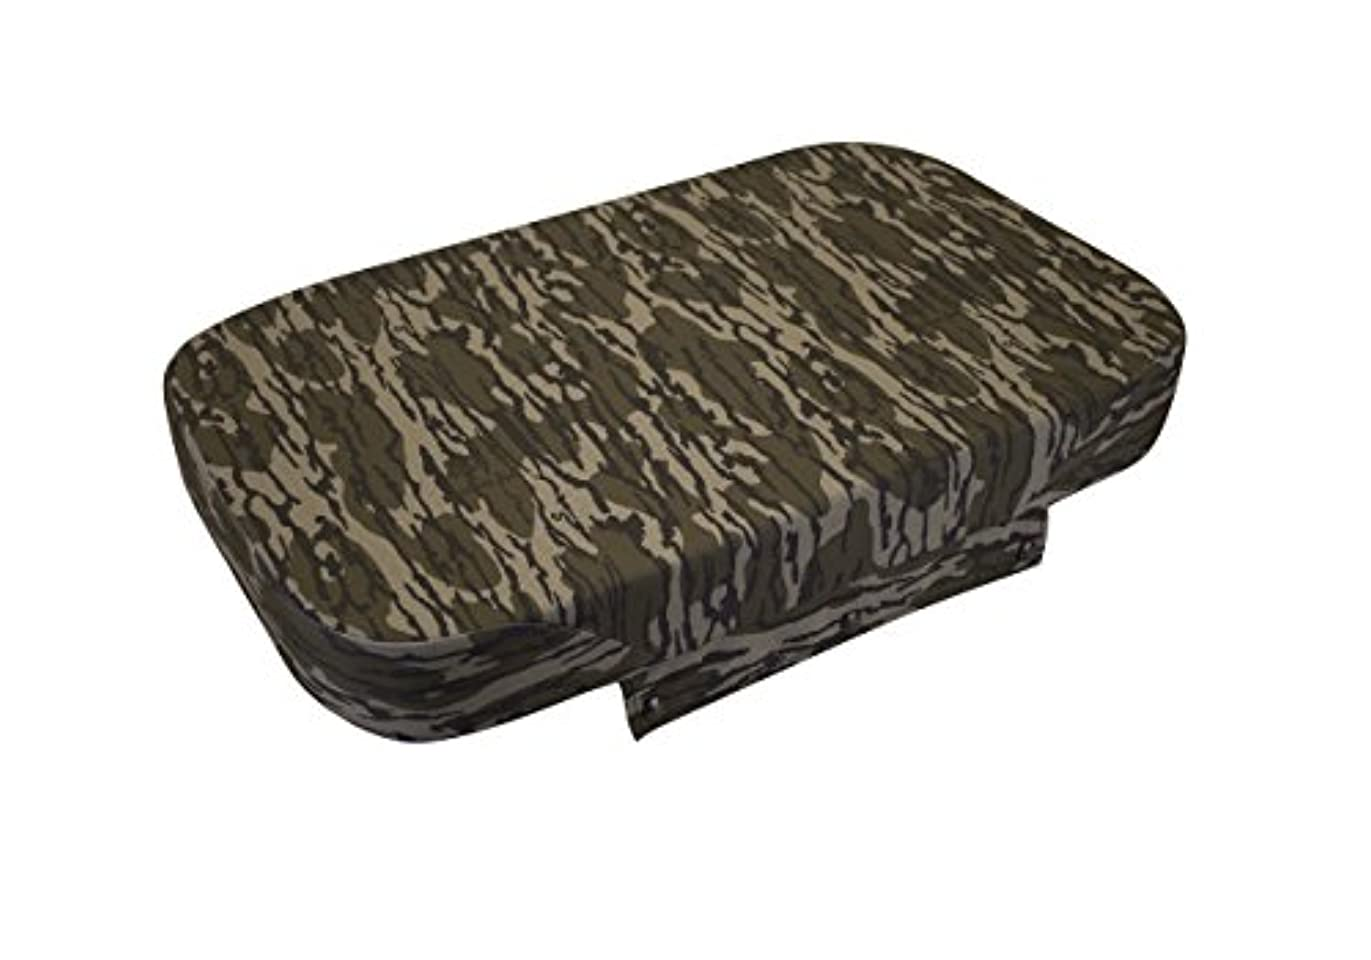 音厚くするポーターWise Outdoors 8WD1514-730 Premium 42.6l. Cooler Cushion, Mossy Oak Bottomland Camo